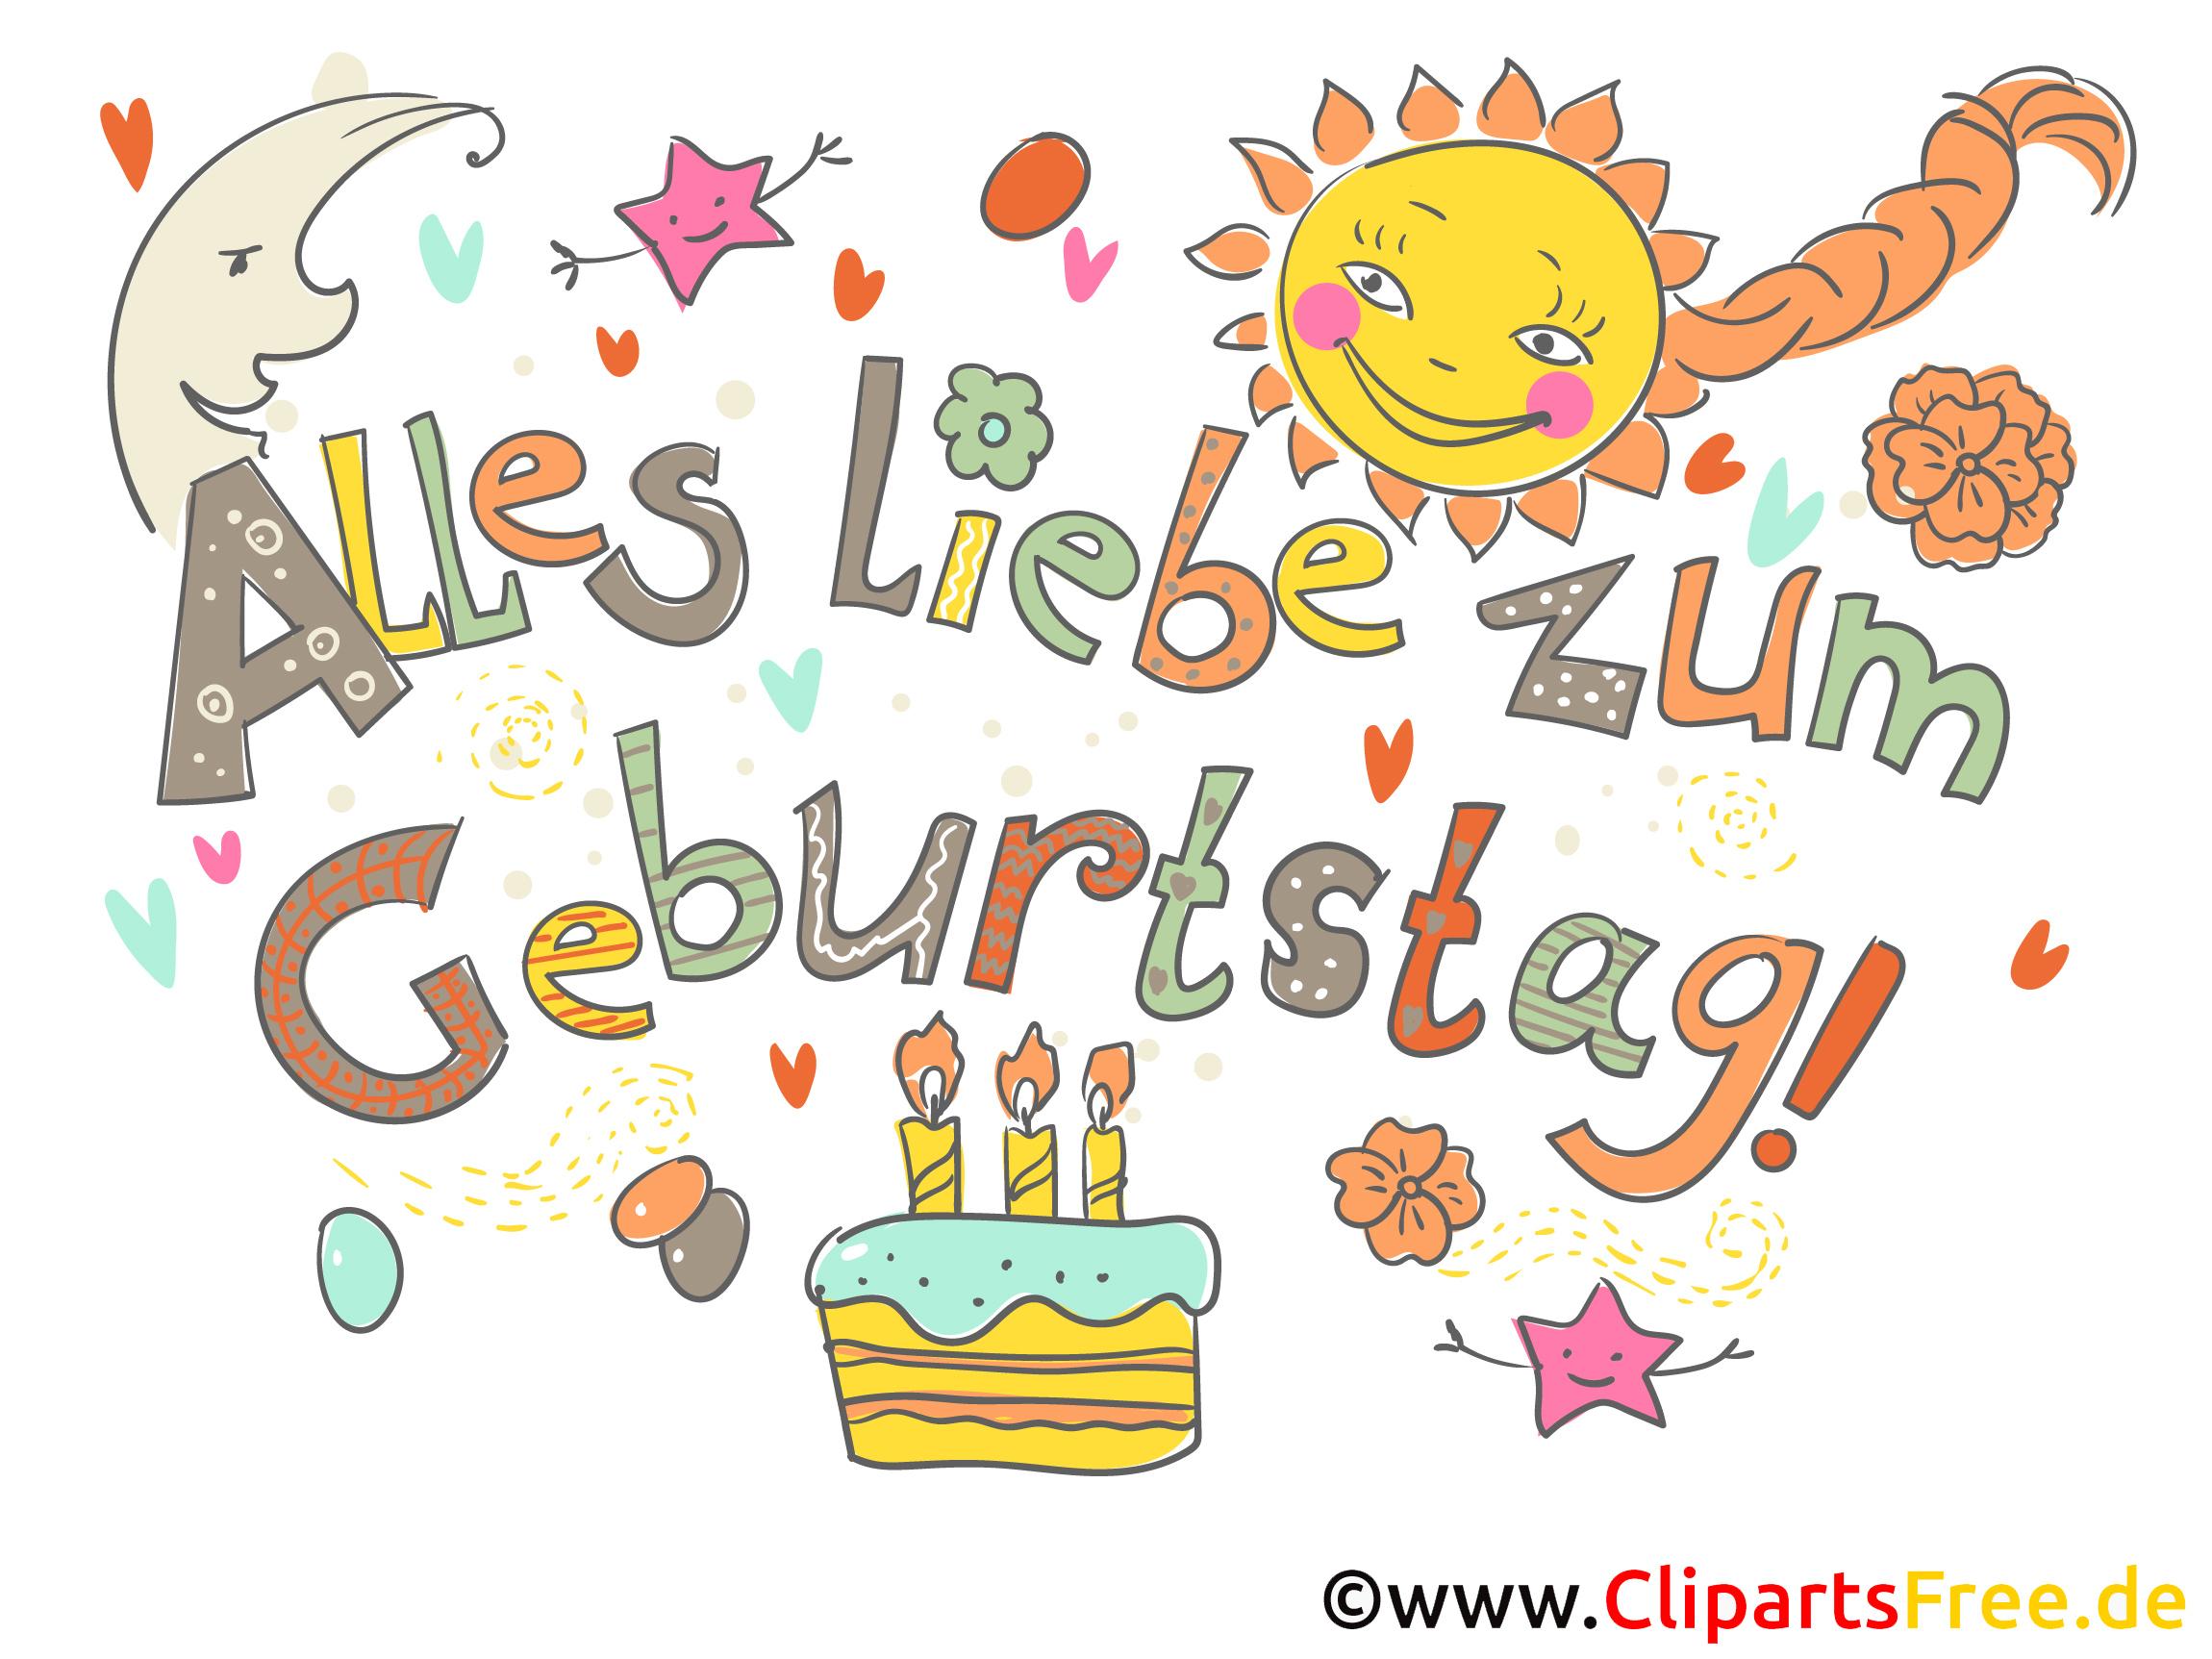 Geburtstag Cliparts kostenlos.